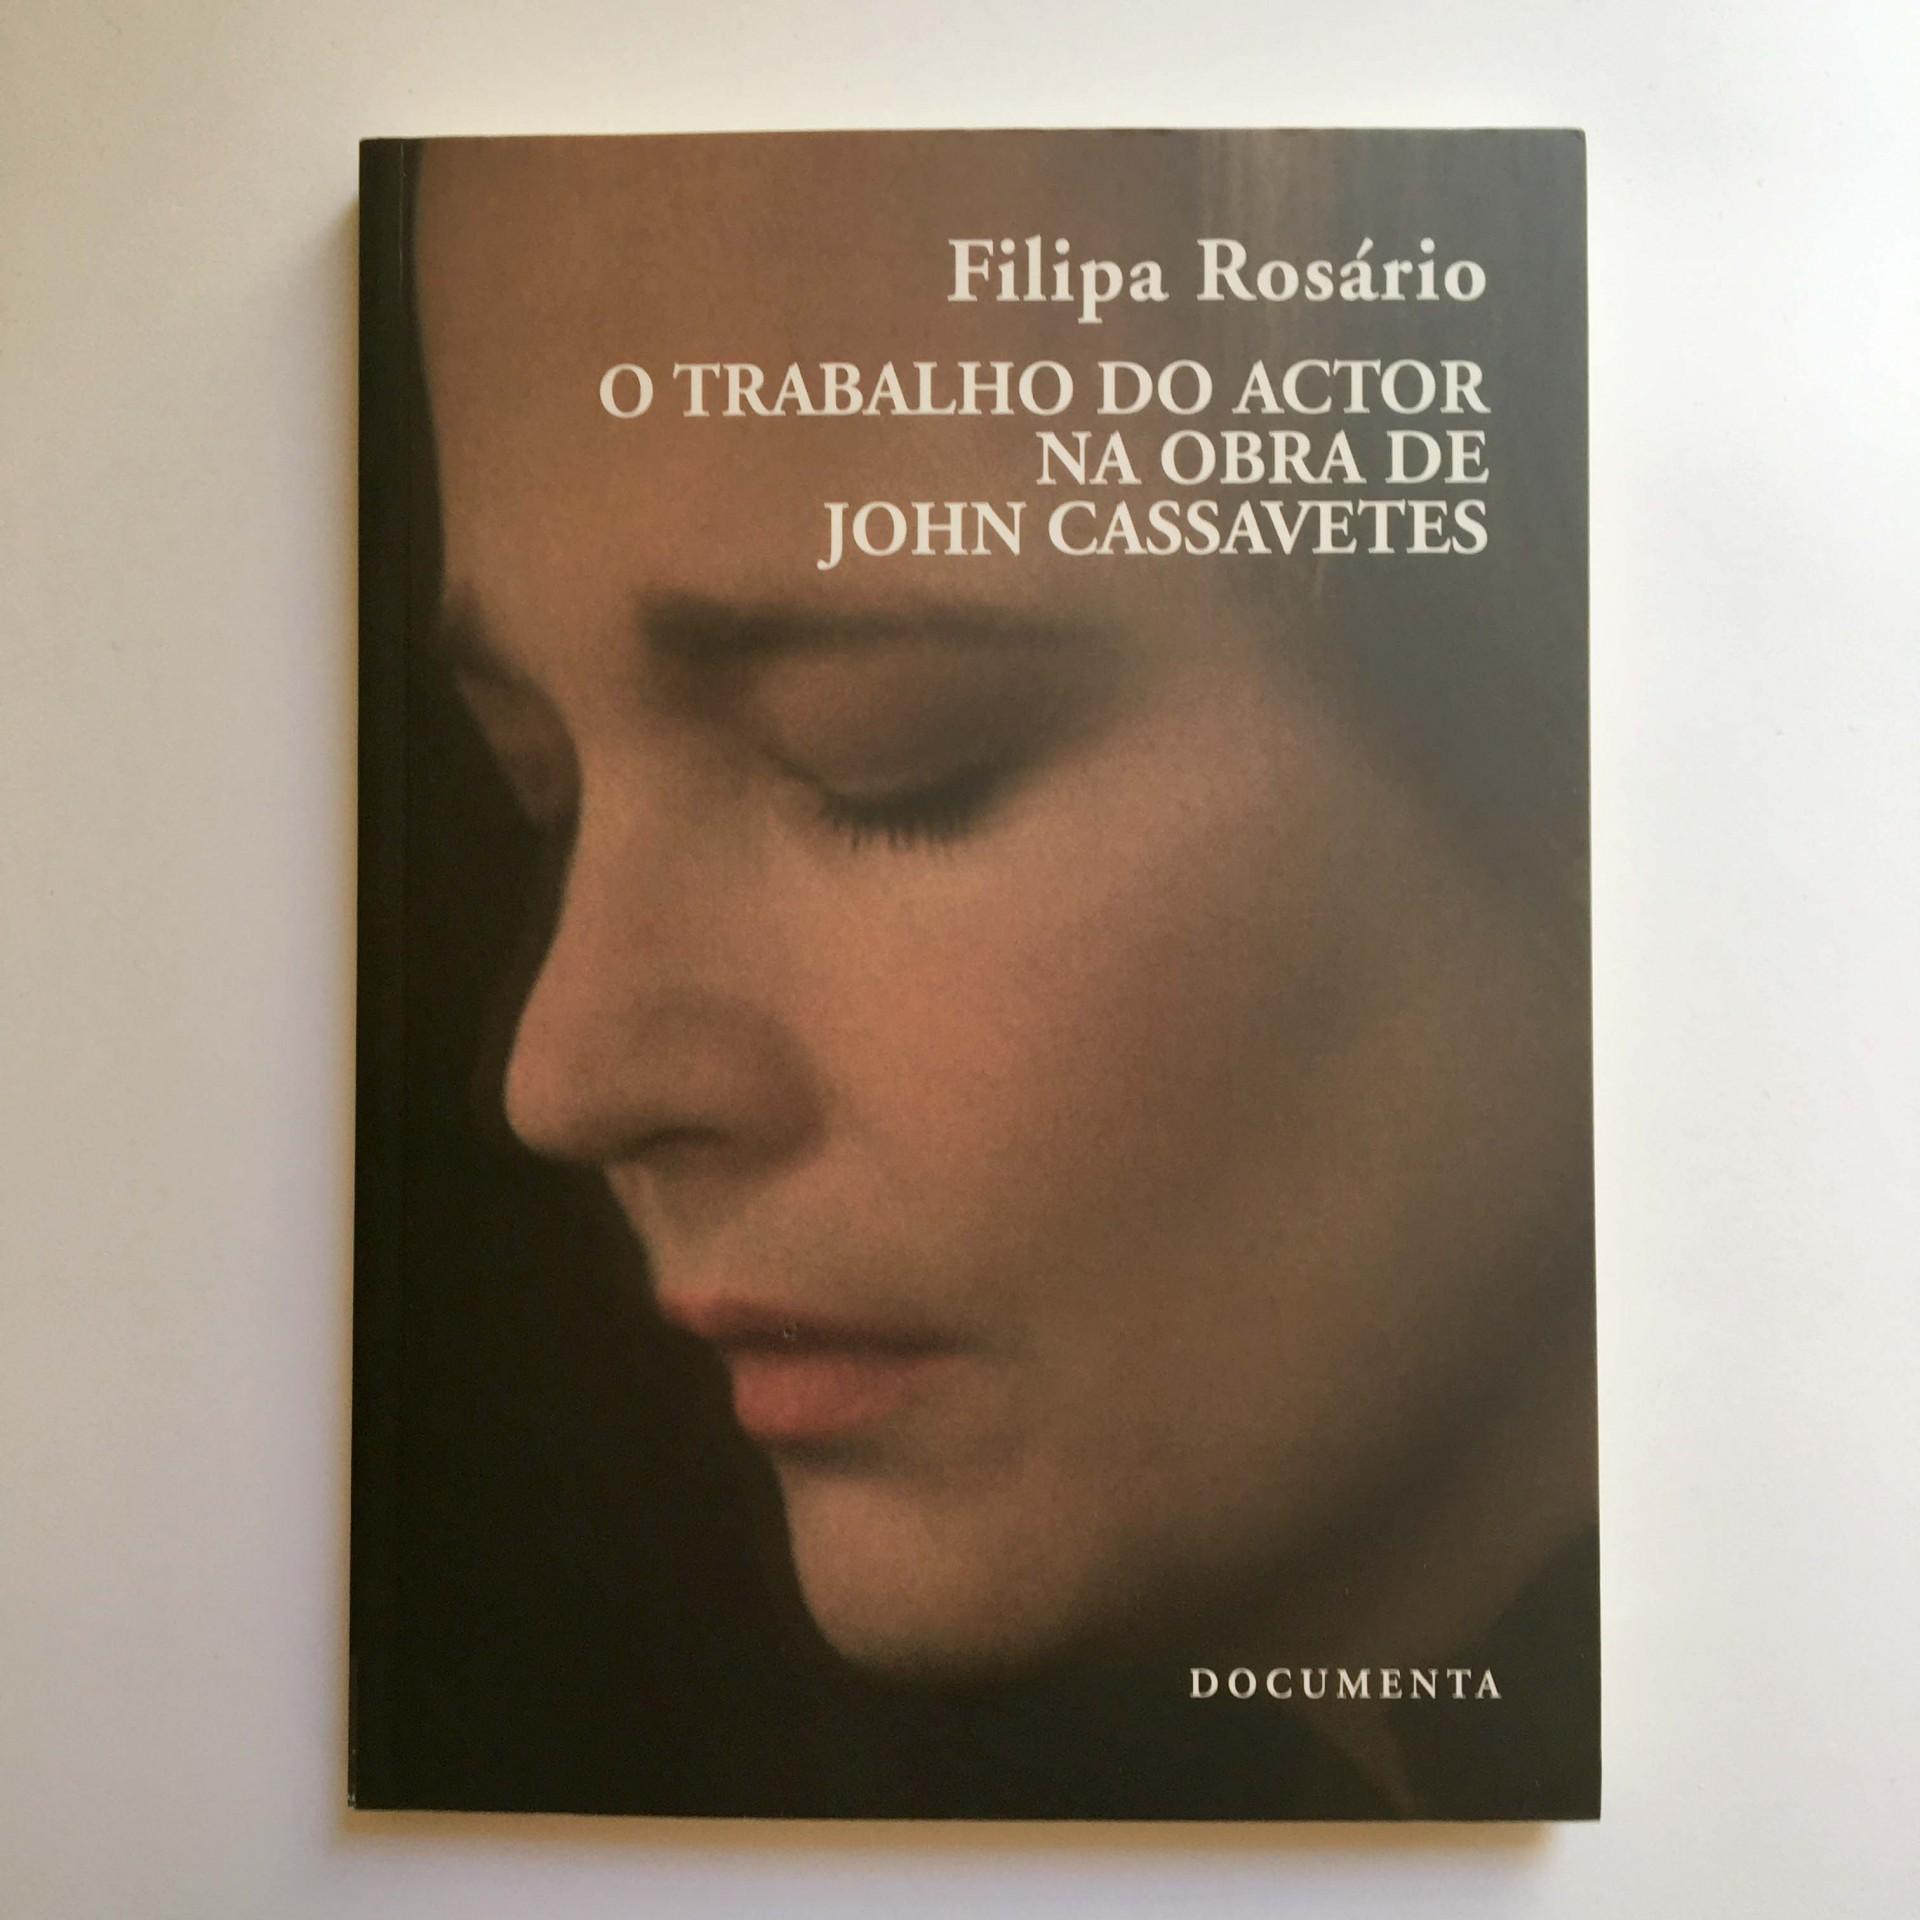 O Trabalho do Actor a obra de John Cassavetes